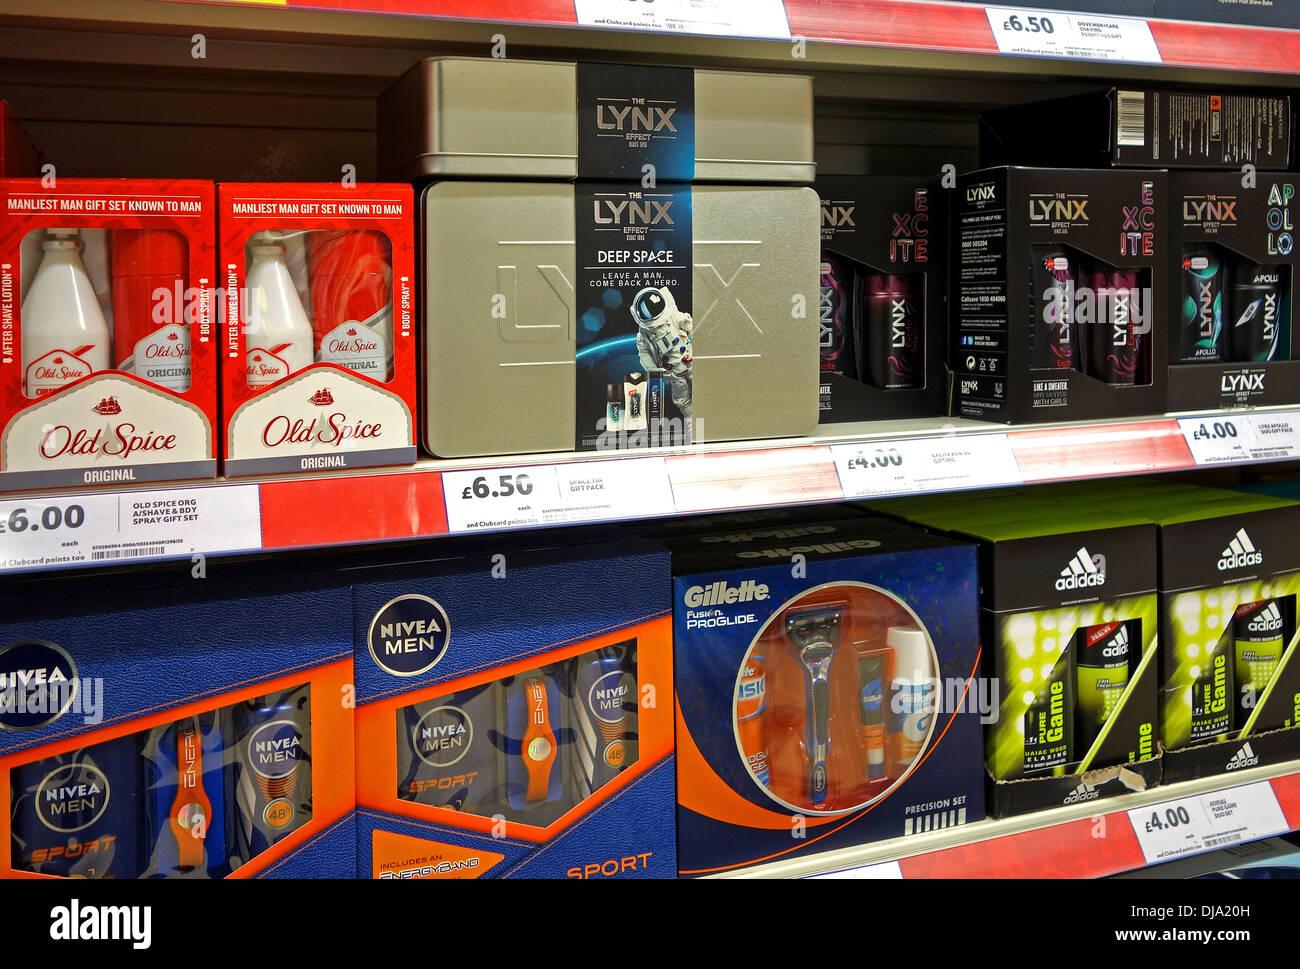 Packs cadeau de Noël pour les hommes dans un magasin Tesco Photo Stock